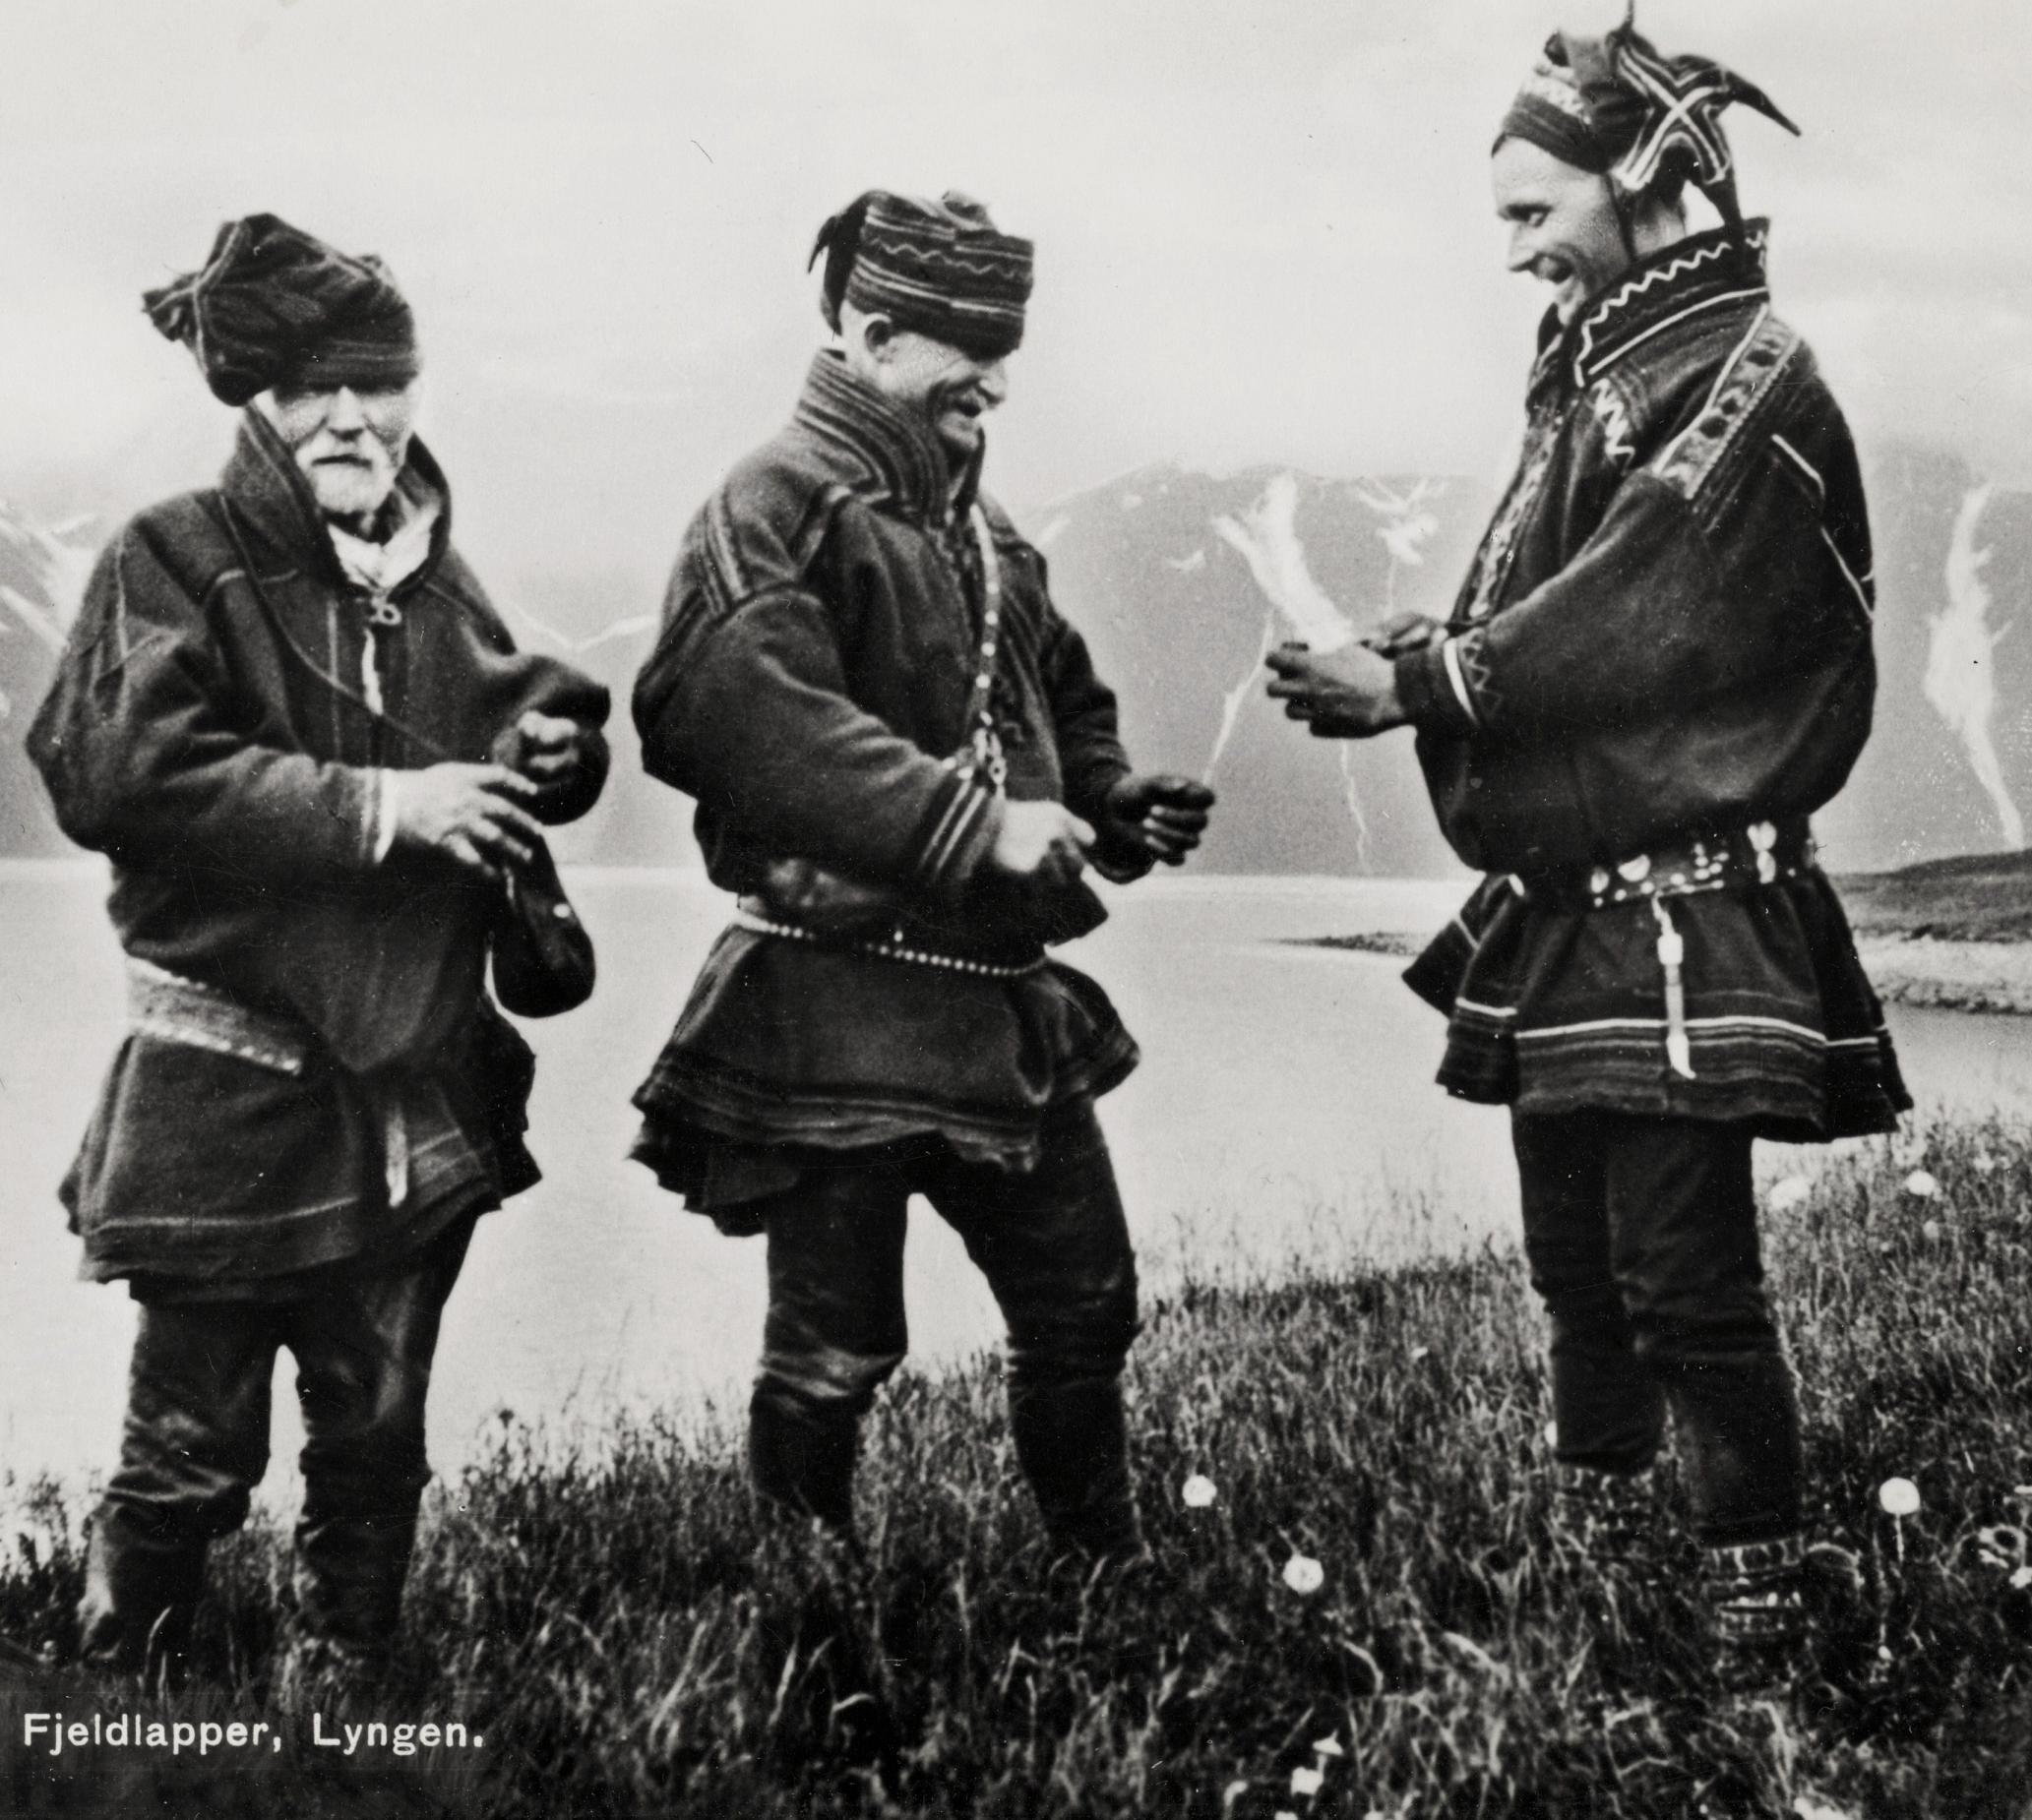 sami norway 1920 saami lyngen troms exchanging norwegian tobacco history file reindeer weir exhanging sami indigenous woman sweden gene clark